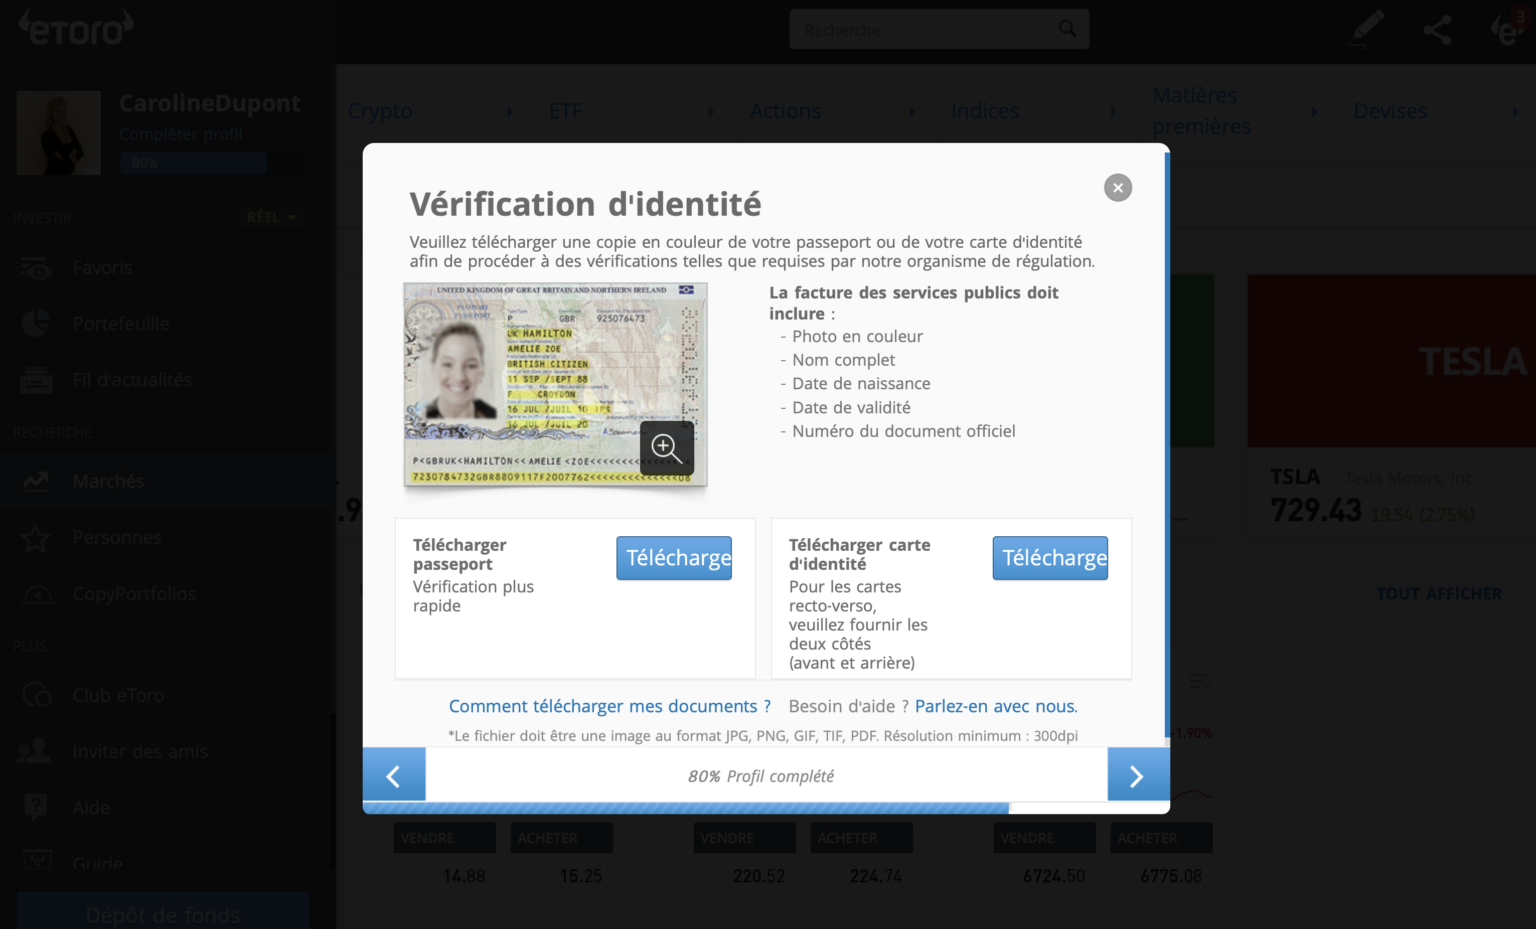 Étape 2: Vérification de votre compte utilisateur